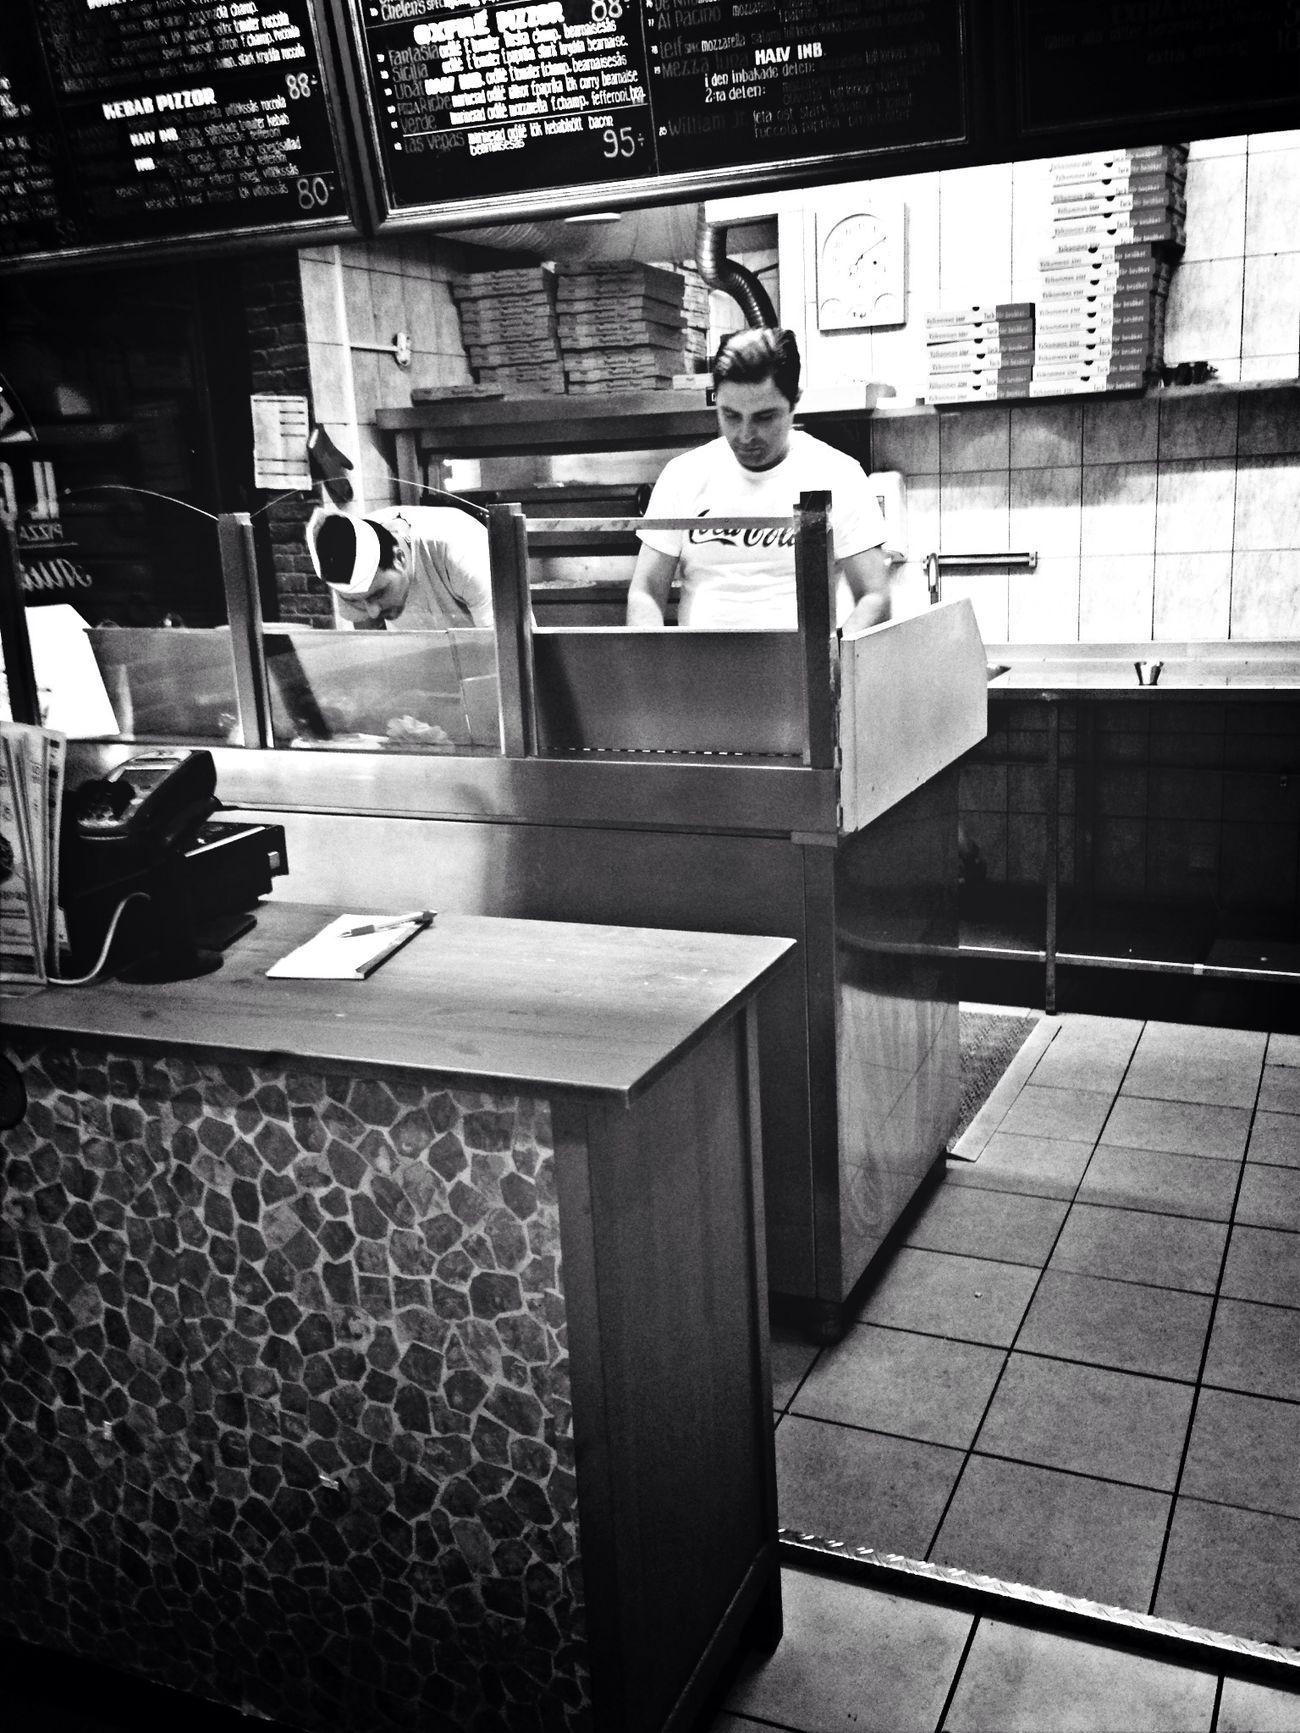 En Pizzabagare här bor i staden...